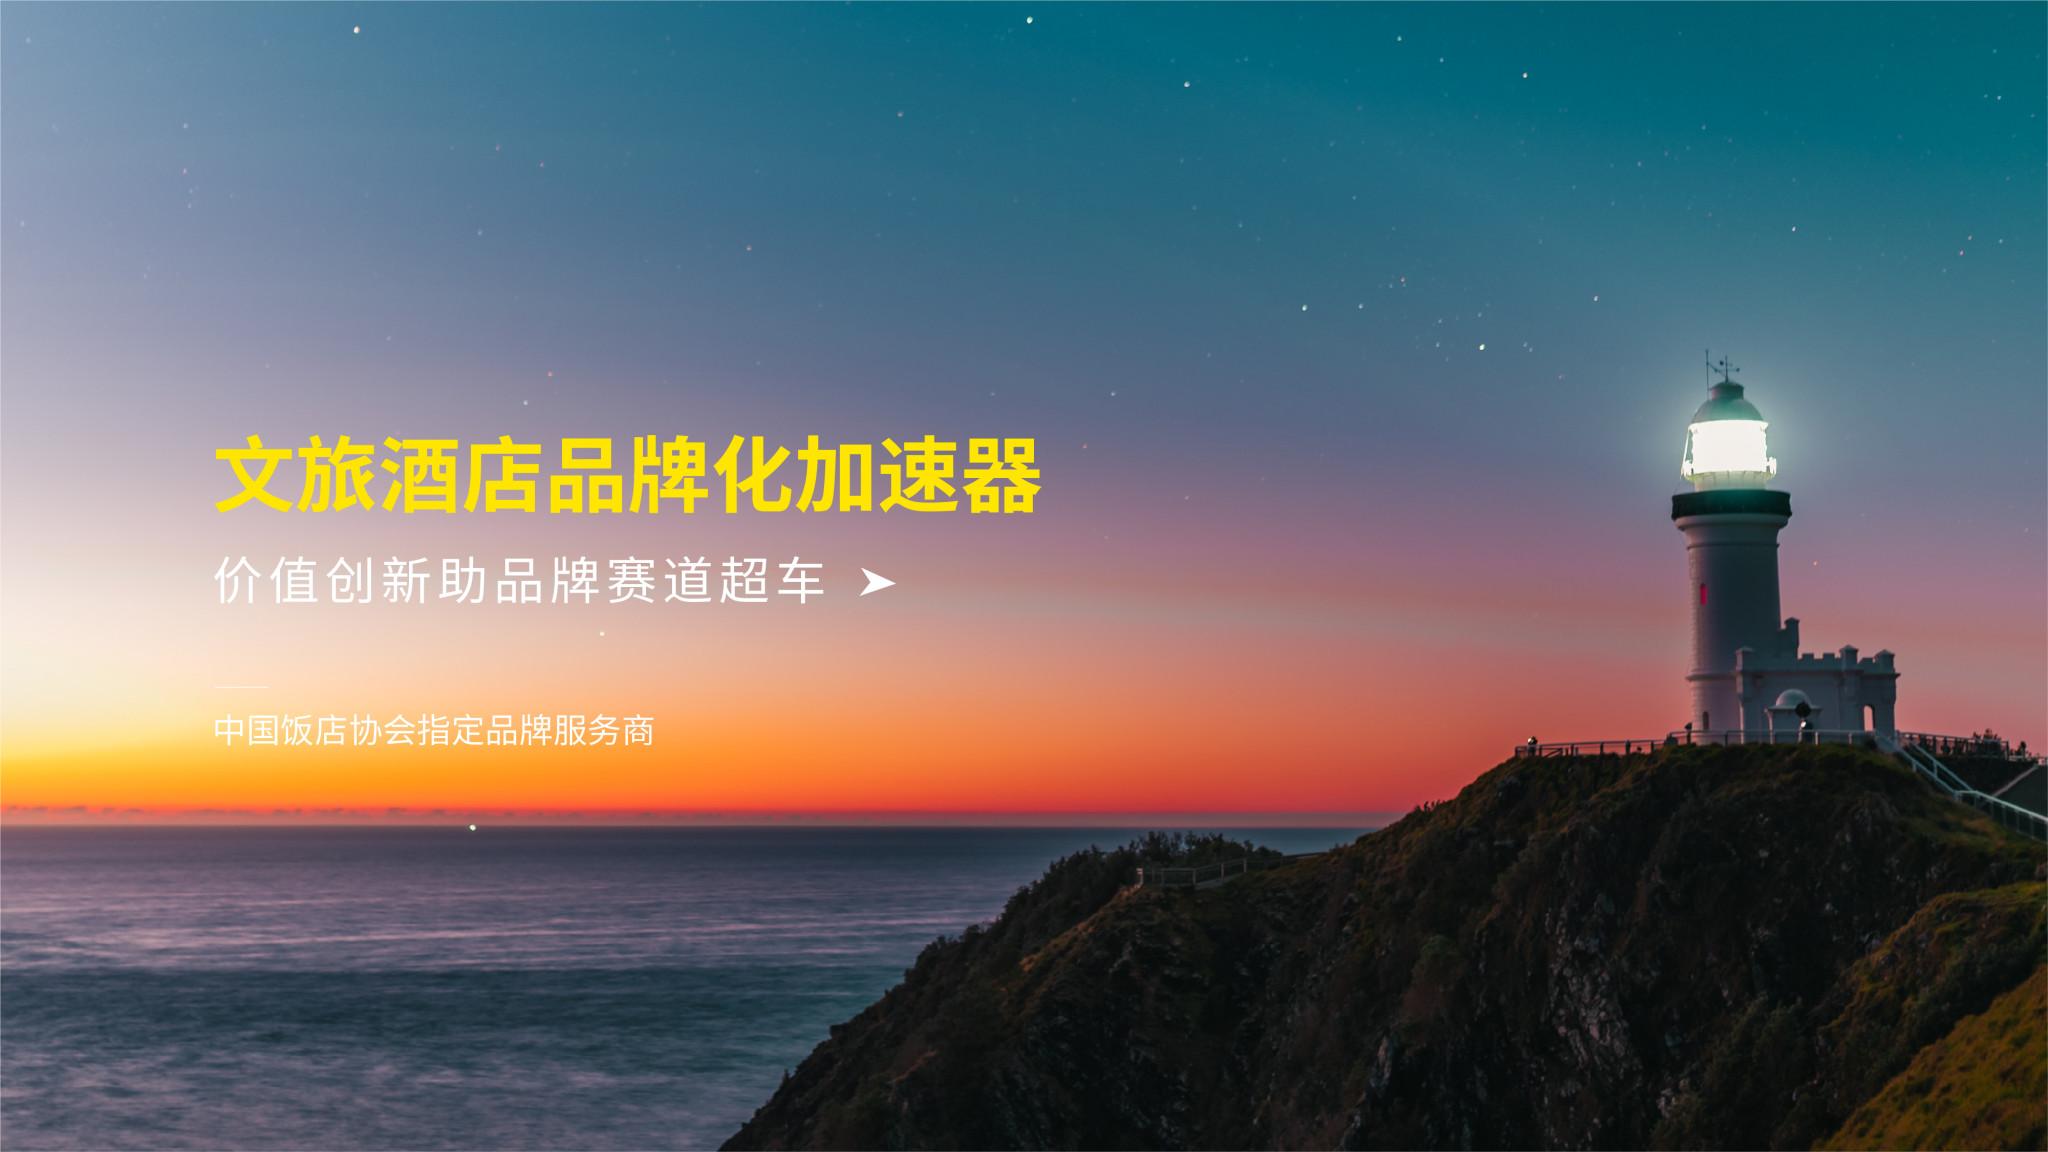 酒店品牌策划专题页-达岸品牌营销咨询